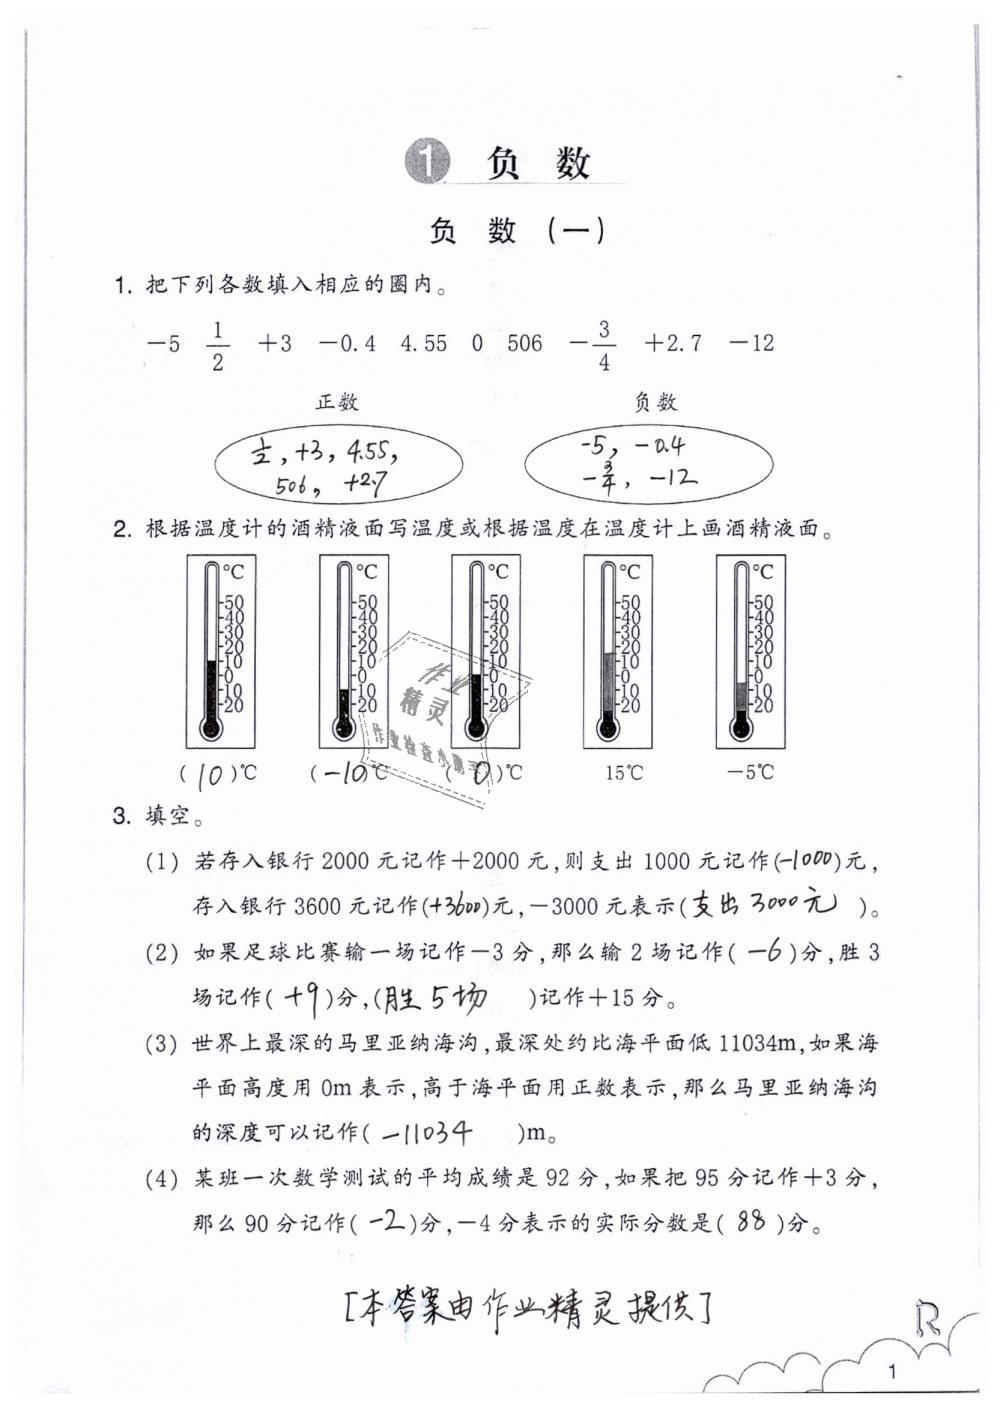 2020年数学作业本六年级下册人教版浙江教育出版社第1页